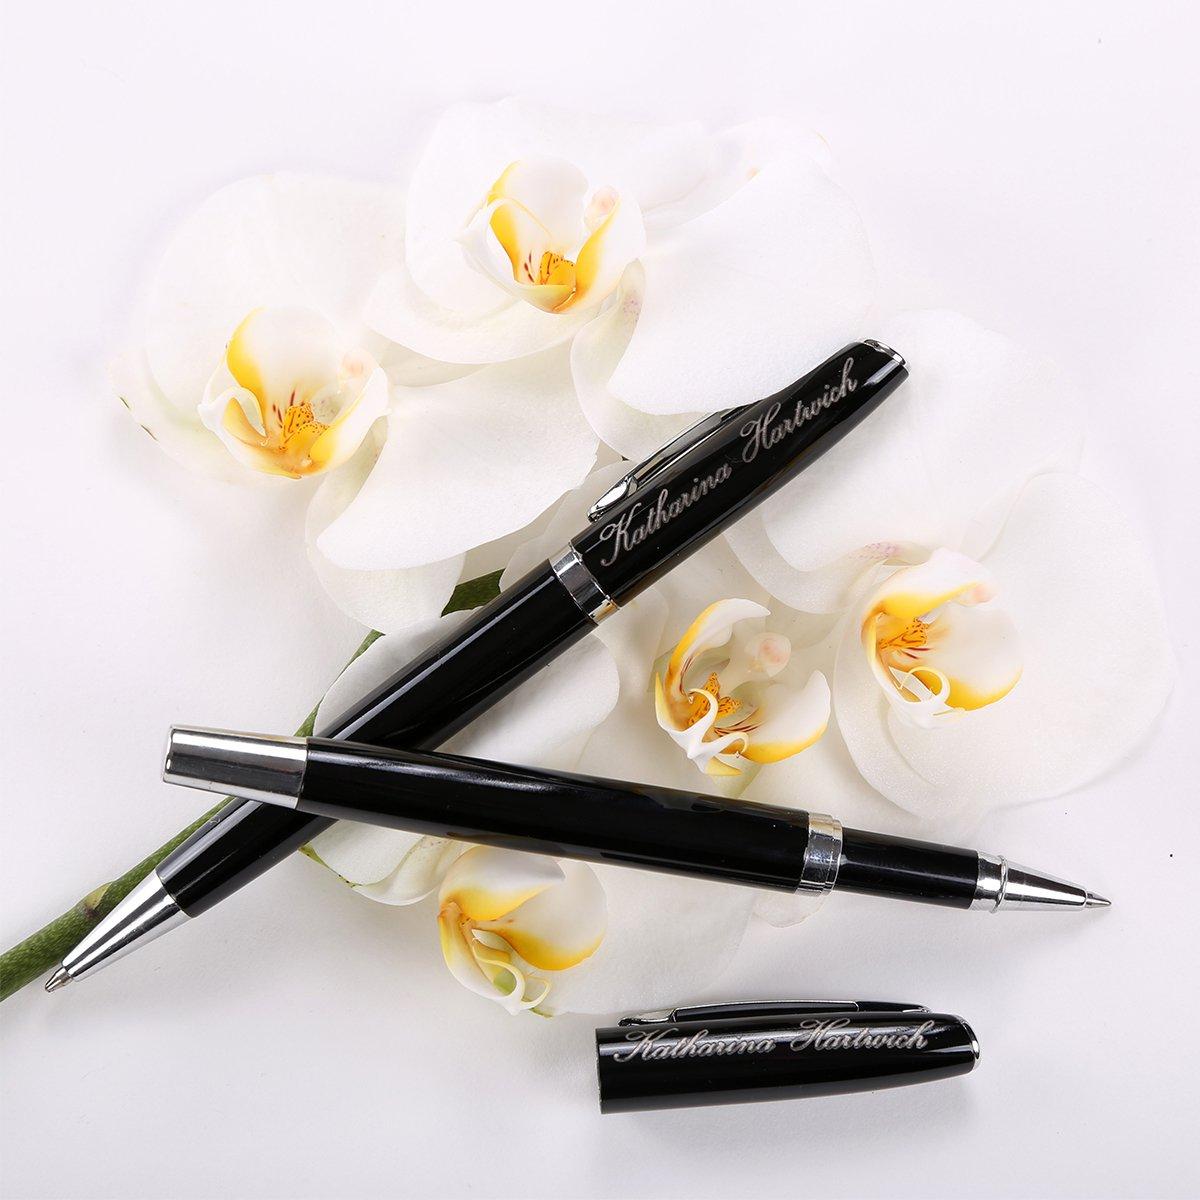 set di scrittura formato da penna a sfera e penna rollerball di colore nero polar-effekt con inchiostro nero in astuccio regalo Alphabet con incisione personalizzabile